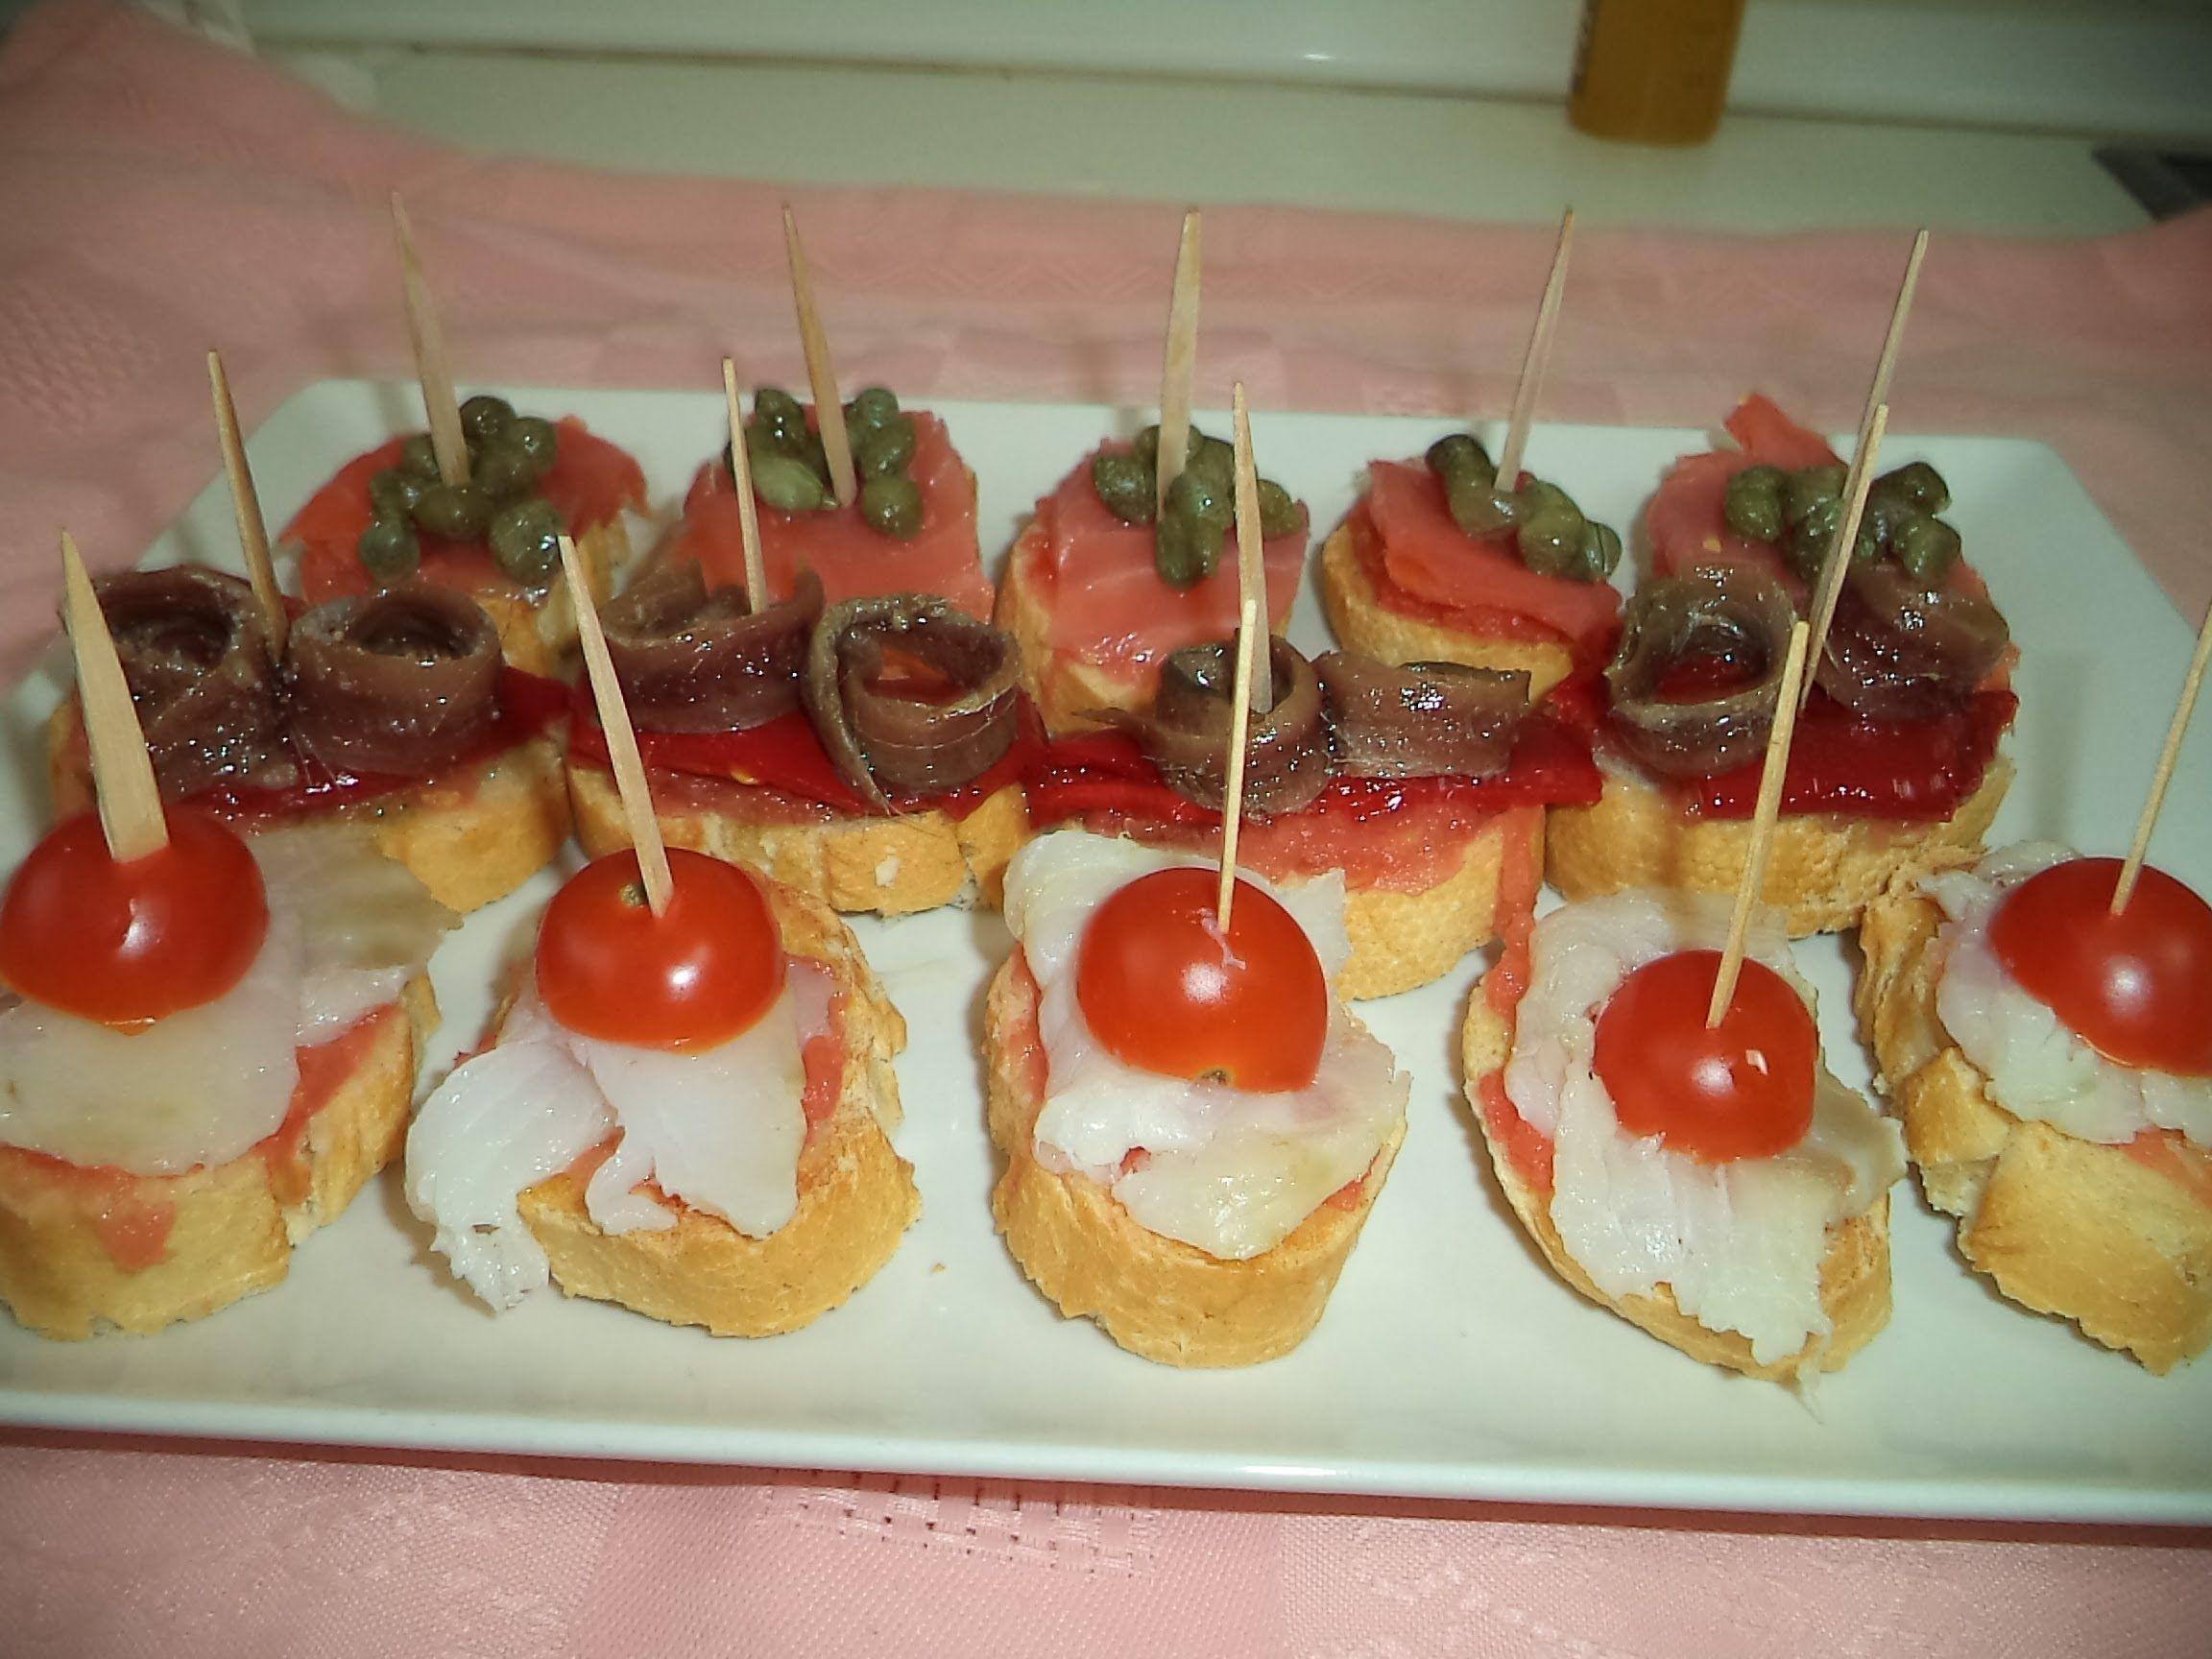 Canap s variados recetas saladas para navidad for Canapes y aperitivos